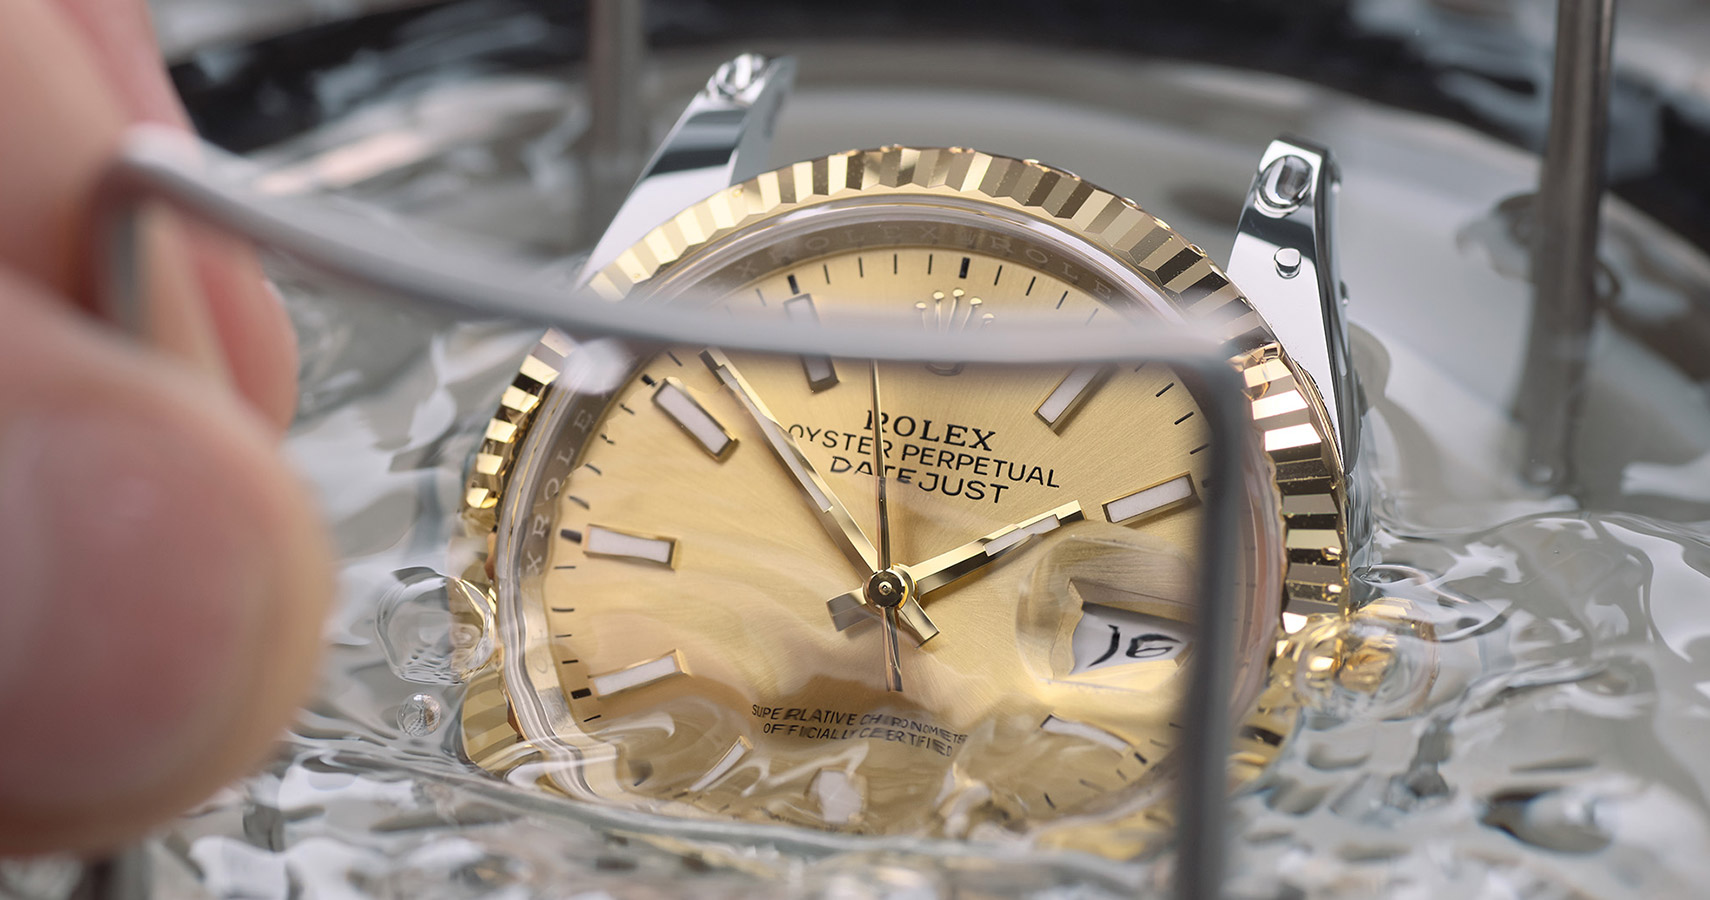 Assistenza Rolex - Rabino1985